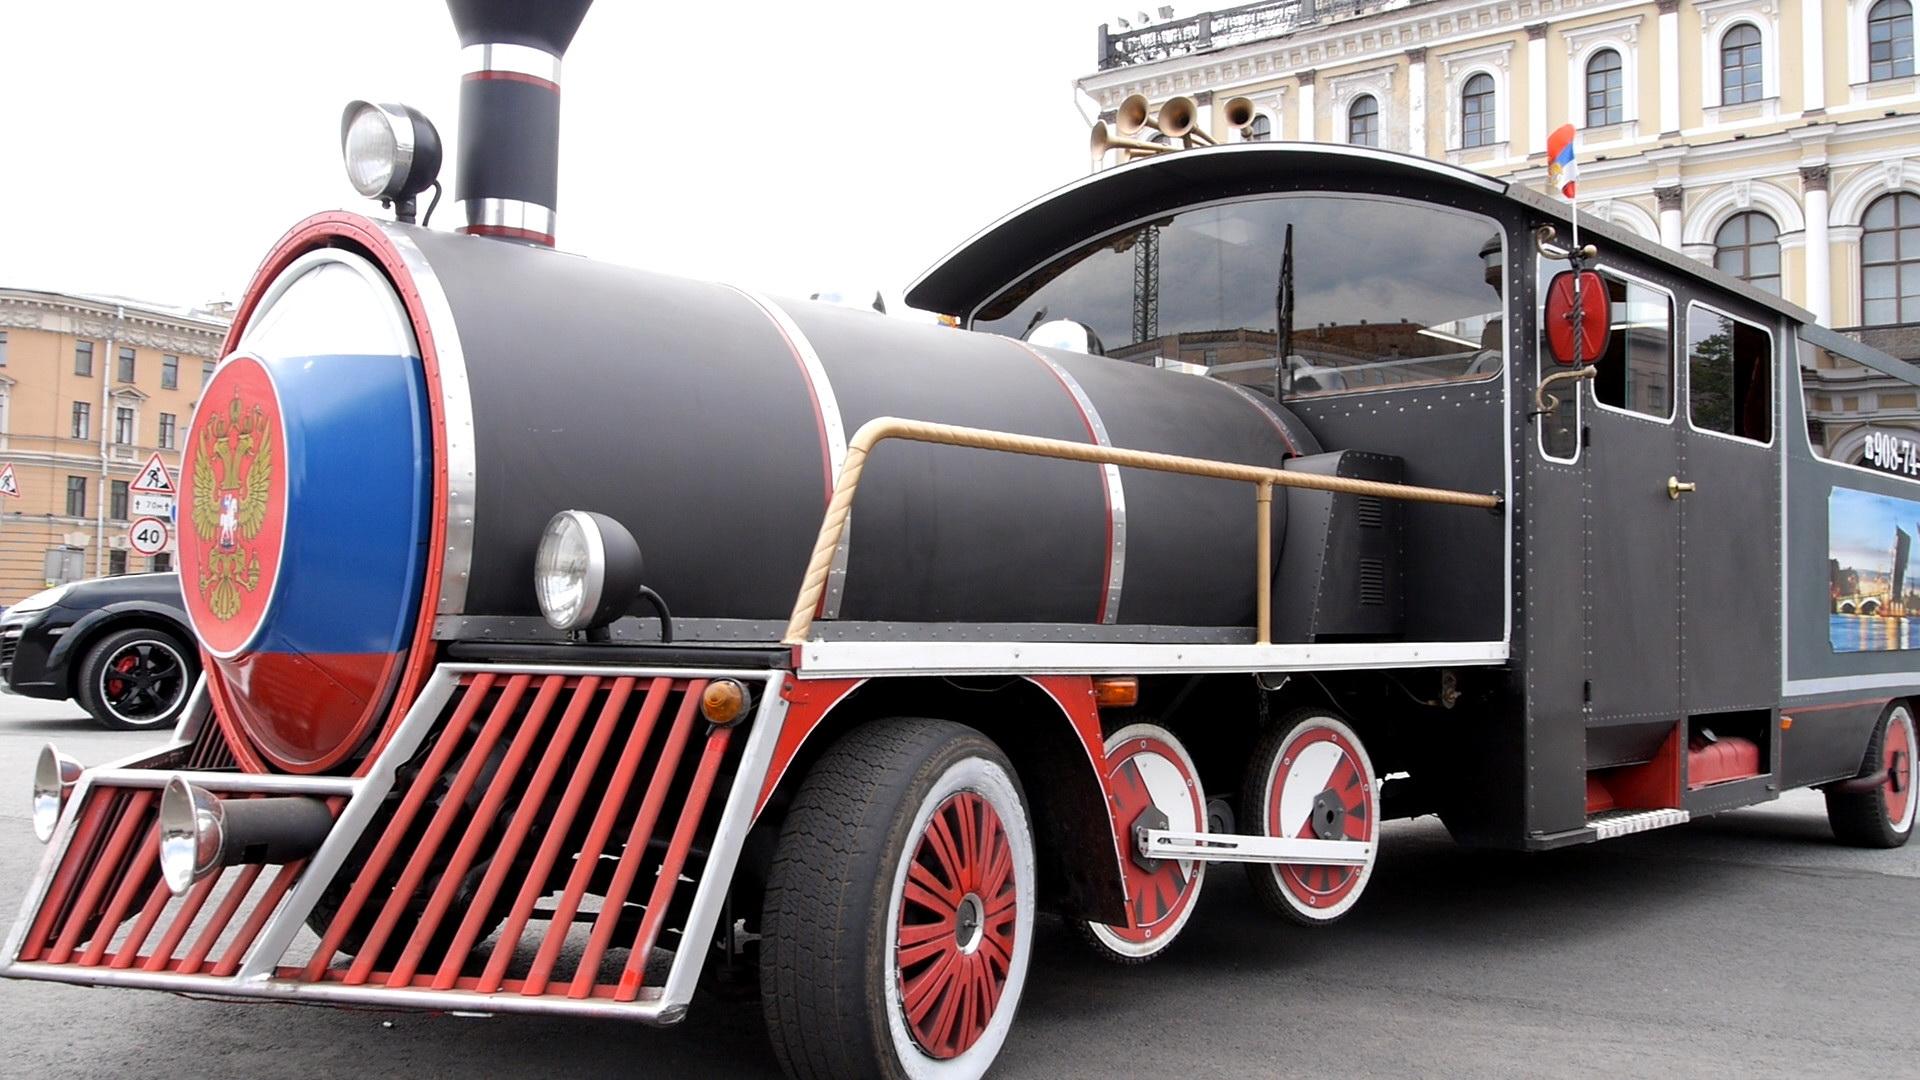 Паровоз на праздник, поезд, лимузин, оригинальный транспорт, ретро трансопрт для экскурсий